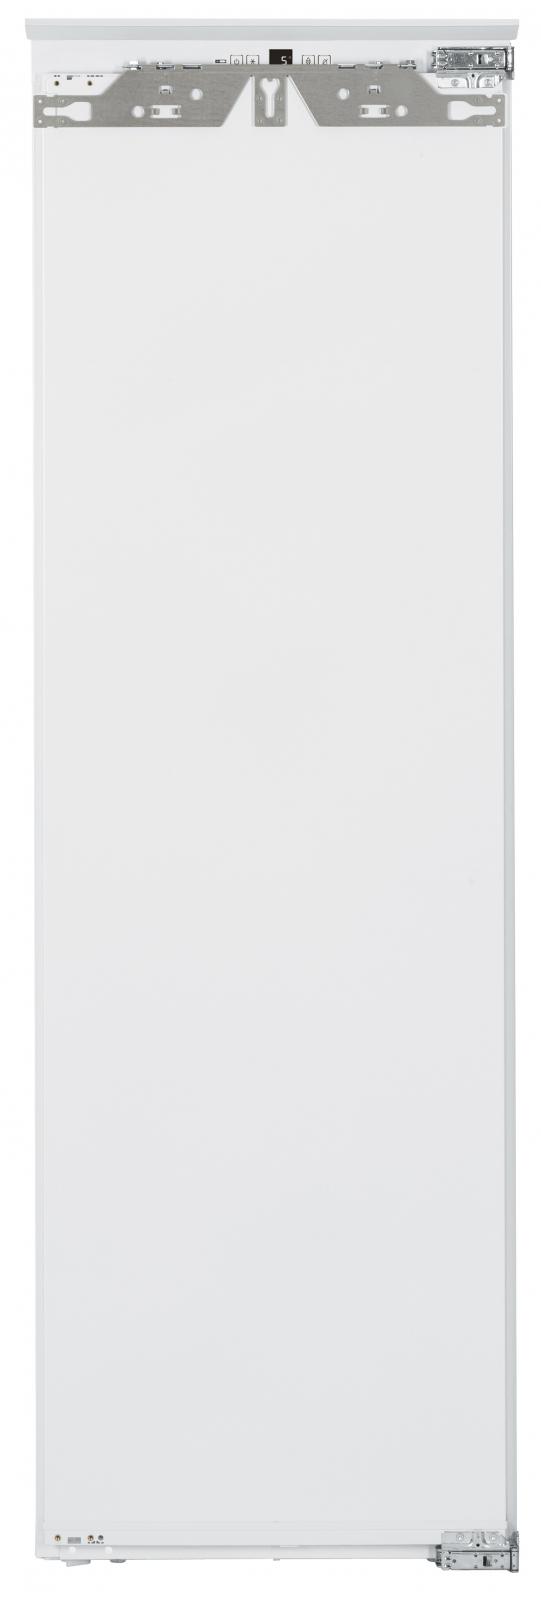 купить Встраиваемый однокамерный холодильник Liebherr IKB 3524 Украина фото 1